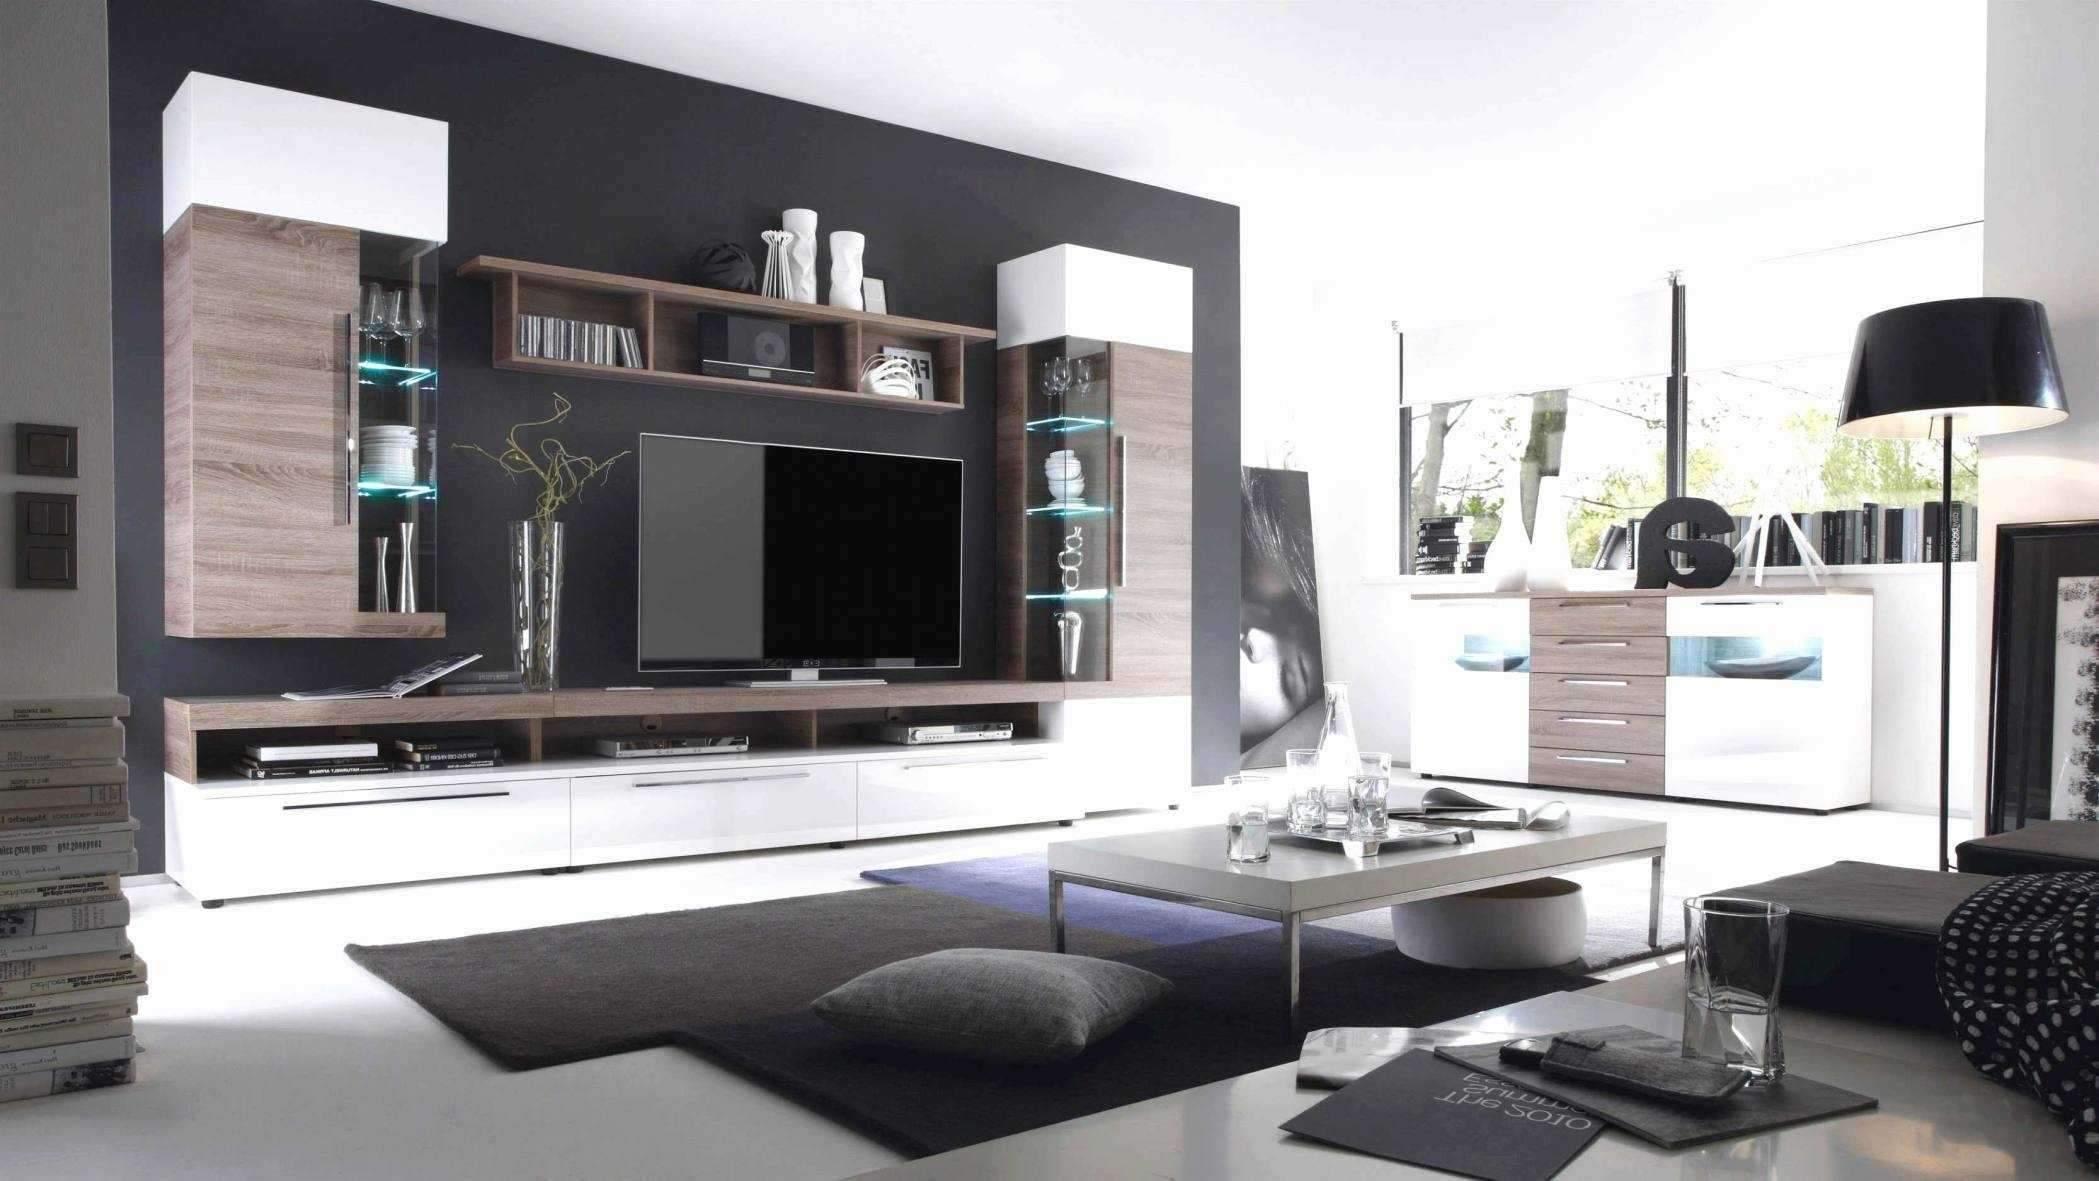 ebay lampen wohnzimmer einzigartig 58 elegant led wohnzimmer deckenleuchte einzigartig of ebay lampen wohnzimmer